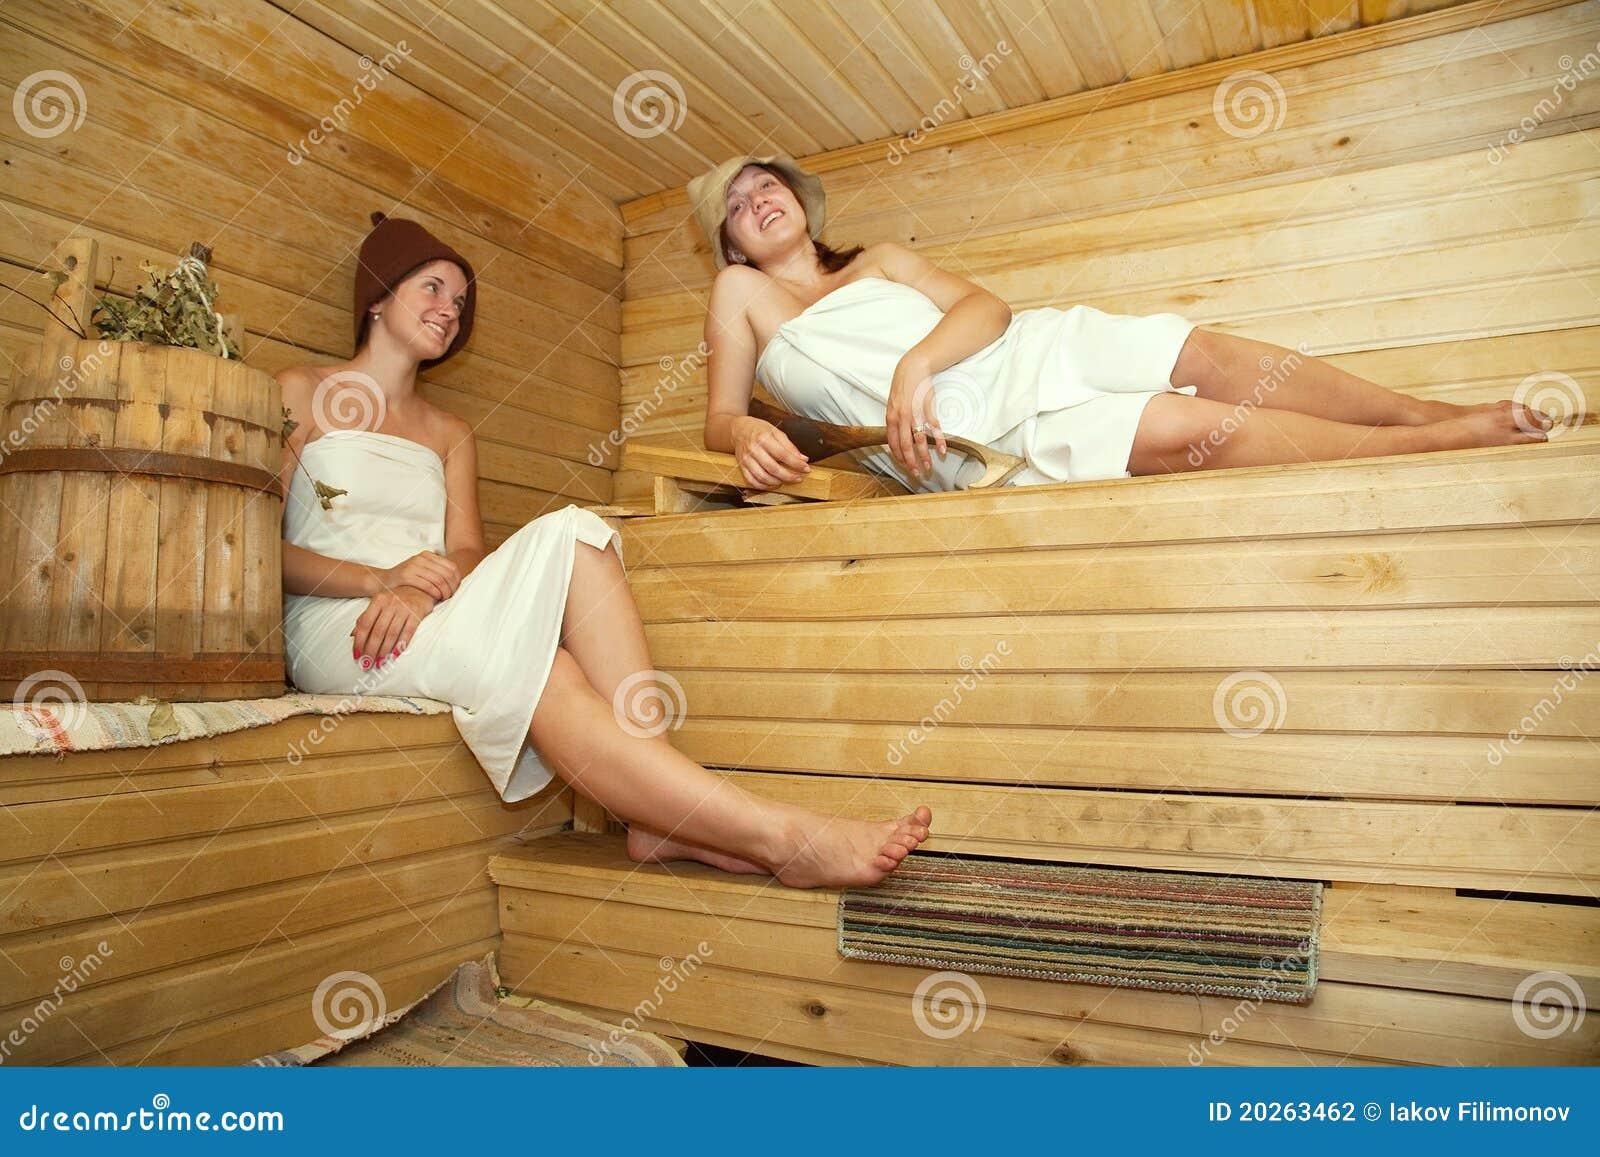 Фото голых баб за 50 в бане, Голые девушки в бане - красивые русские бабы 22 фотография